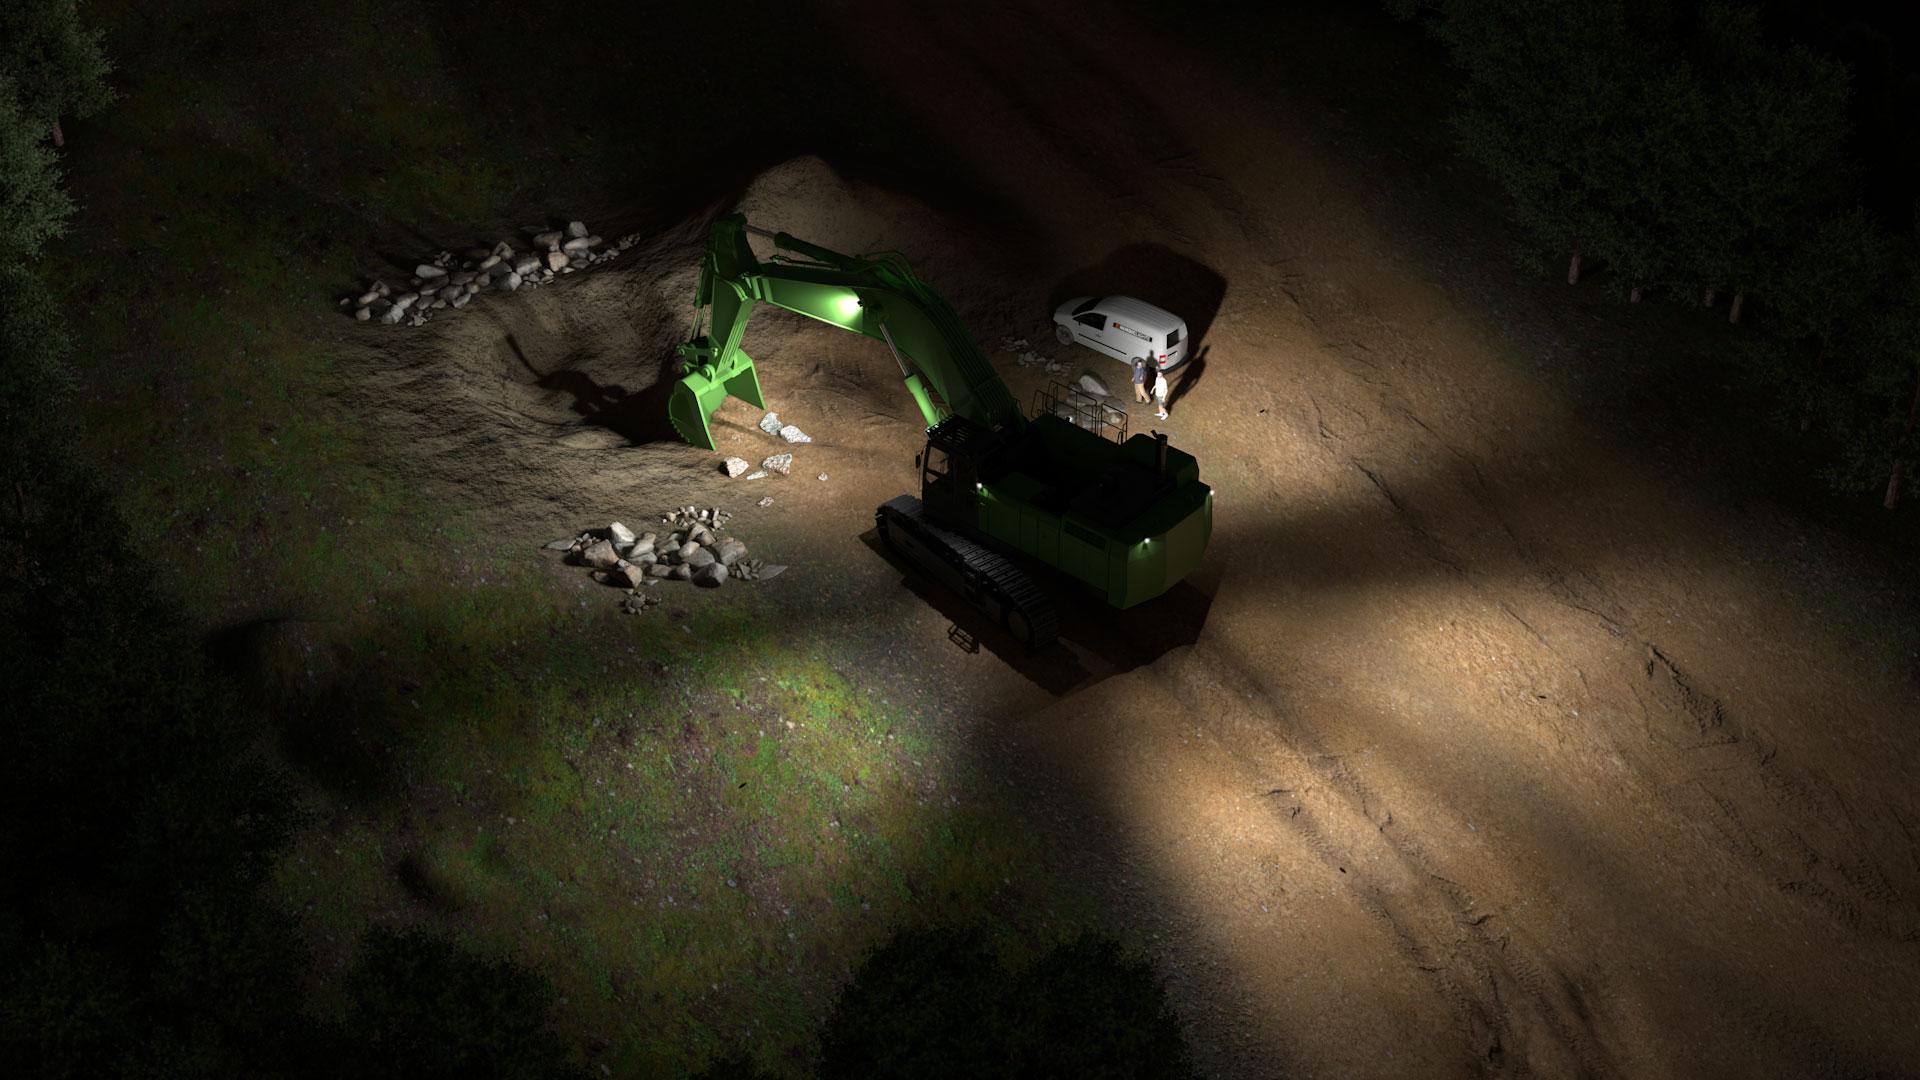 Beispielsimulation von Basis-LED-Baggerscheinwerfer für große Bagger